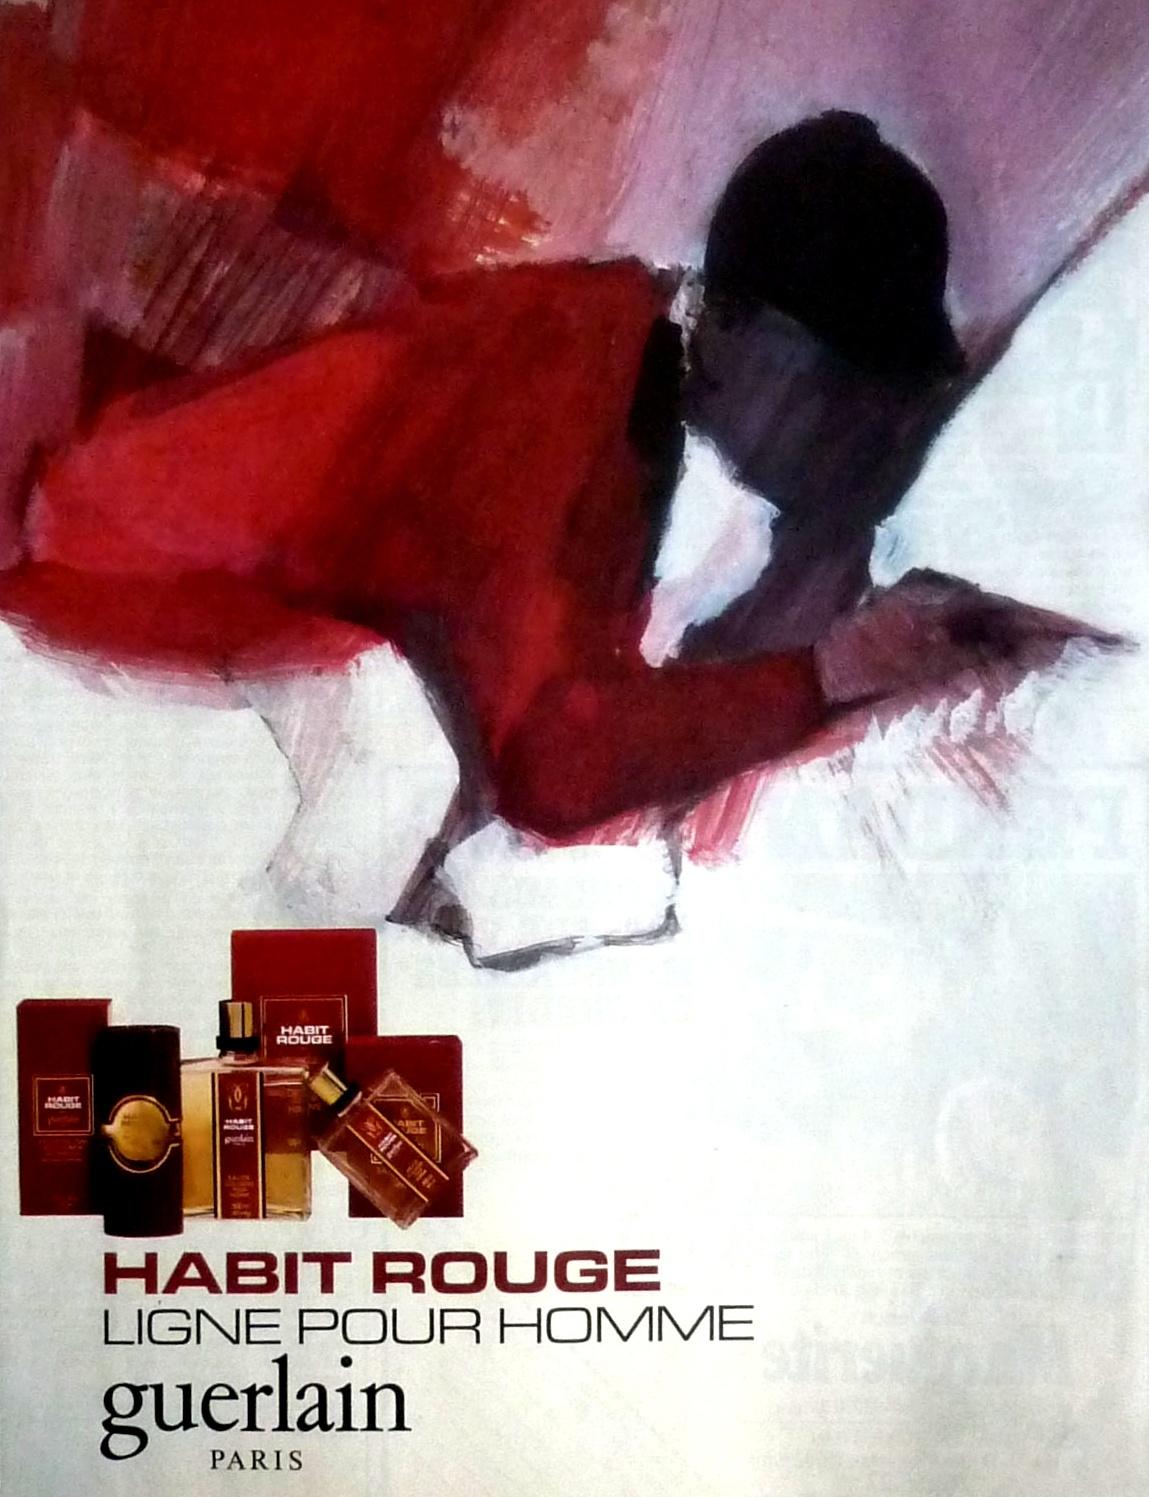 Rouge Magazine Parfum Culte GuerlainUn Zut Habit De 354LAqRj